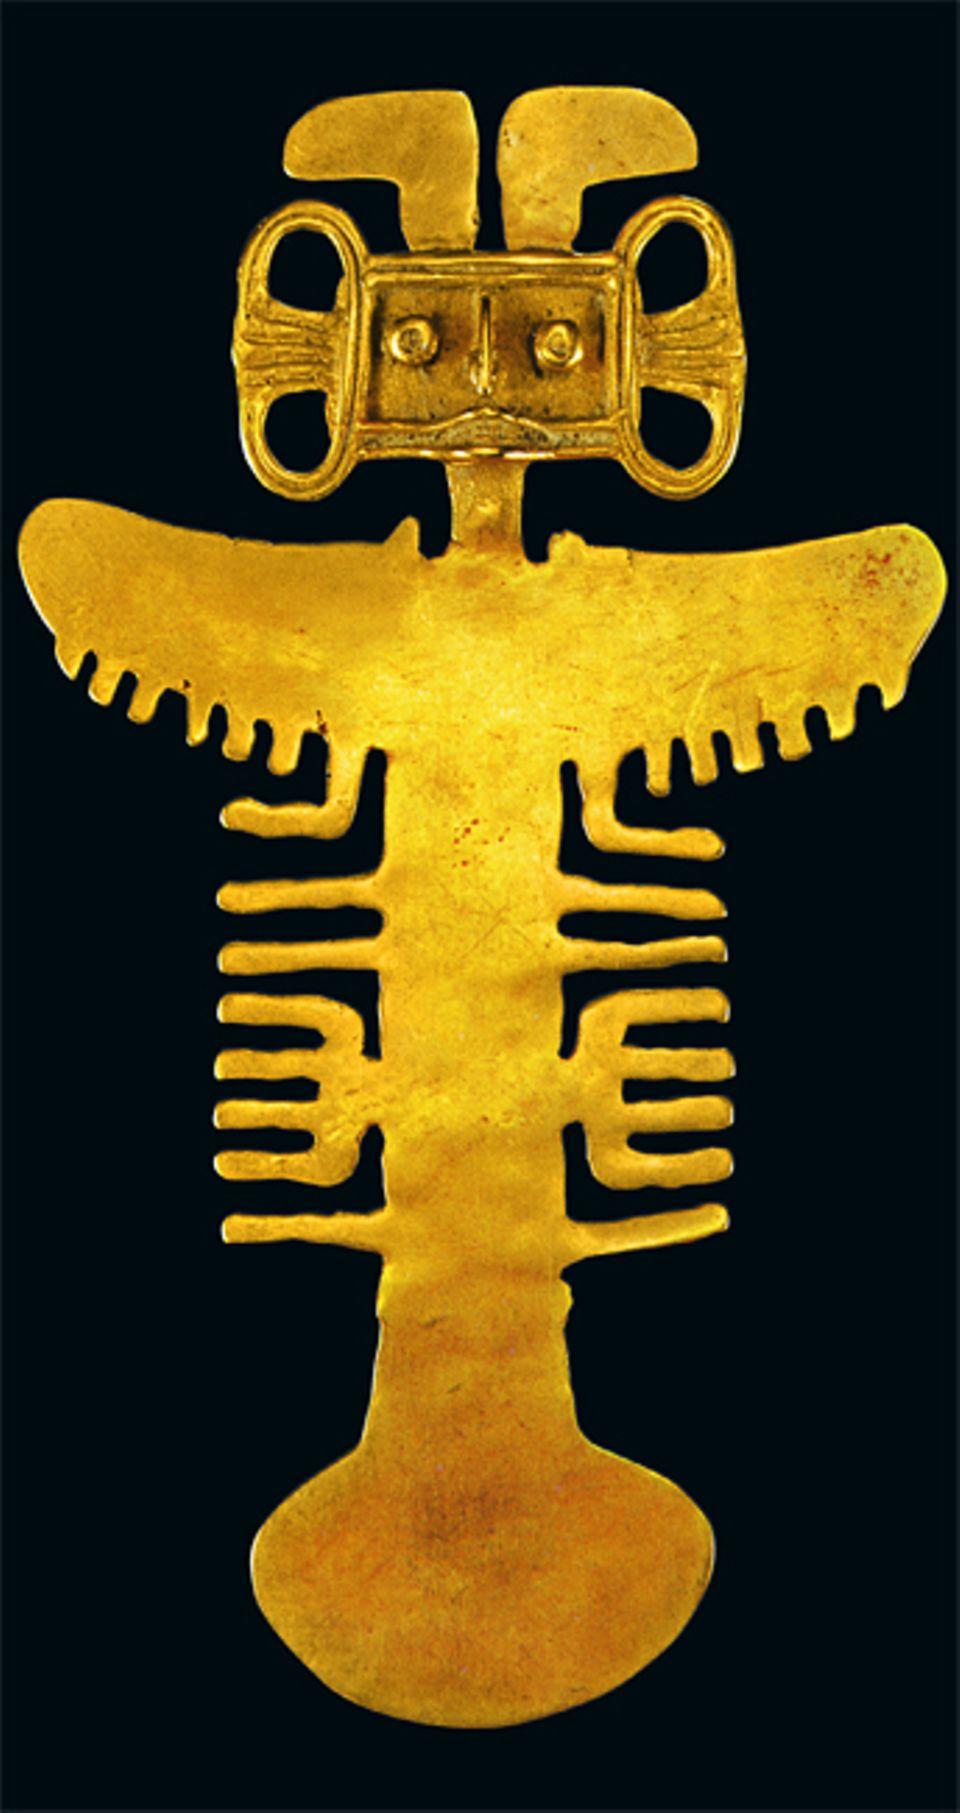 El Dorado: Meist nehmen die Indio-Fürsten ihre Kleinodien mit ins Grab - und so lässt sich jede Herrschergeneration wieder eigene Schmuckstücke anfertigen, beginnt die Arbeit der indianischen Goldschmiede von Neuem